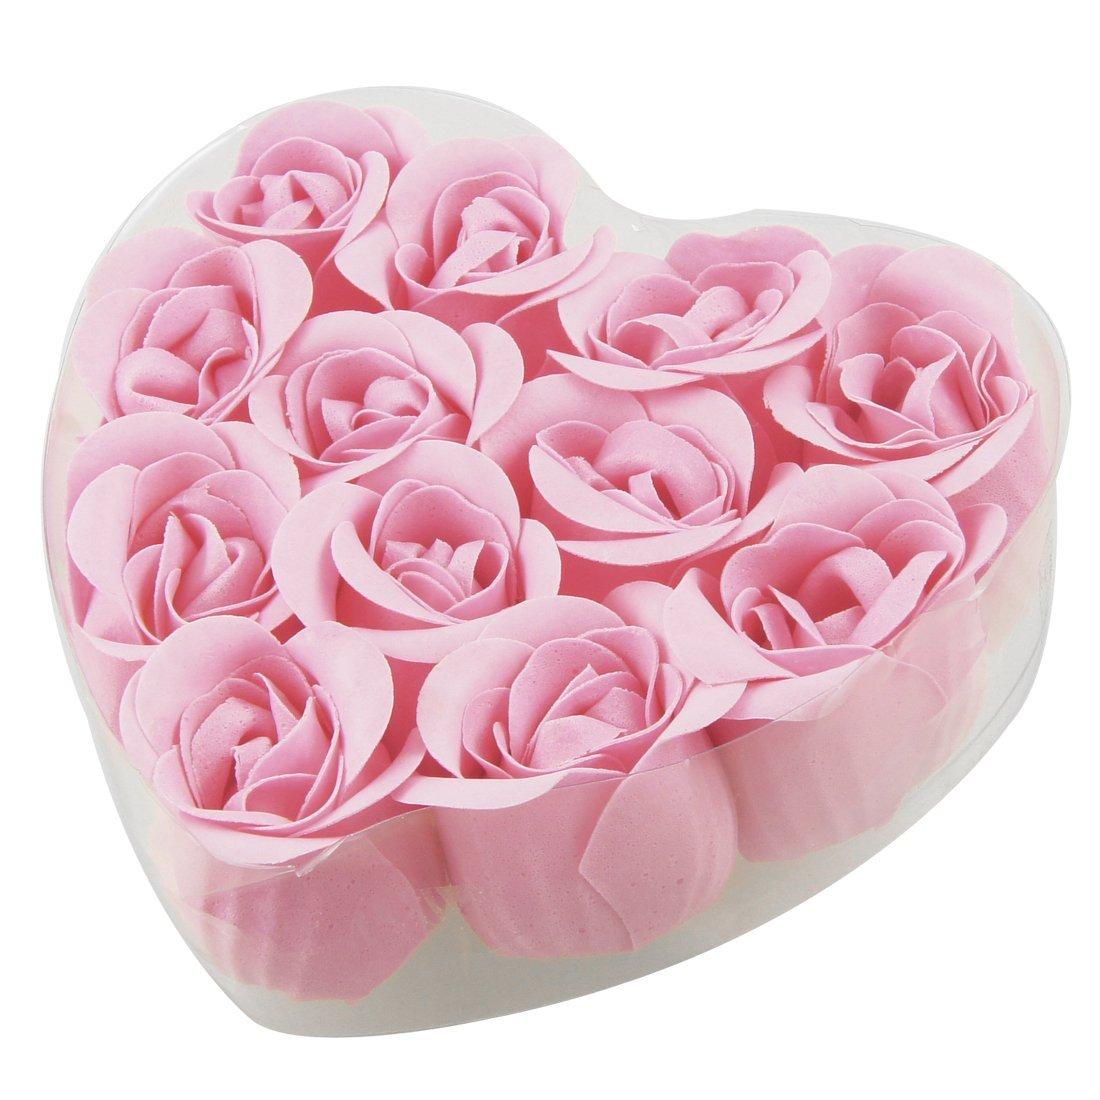 Savon pétale Rose 12 pièces   Pour la plage, + cœur en forme de bourgeon, fleur, fleur, savon